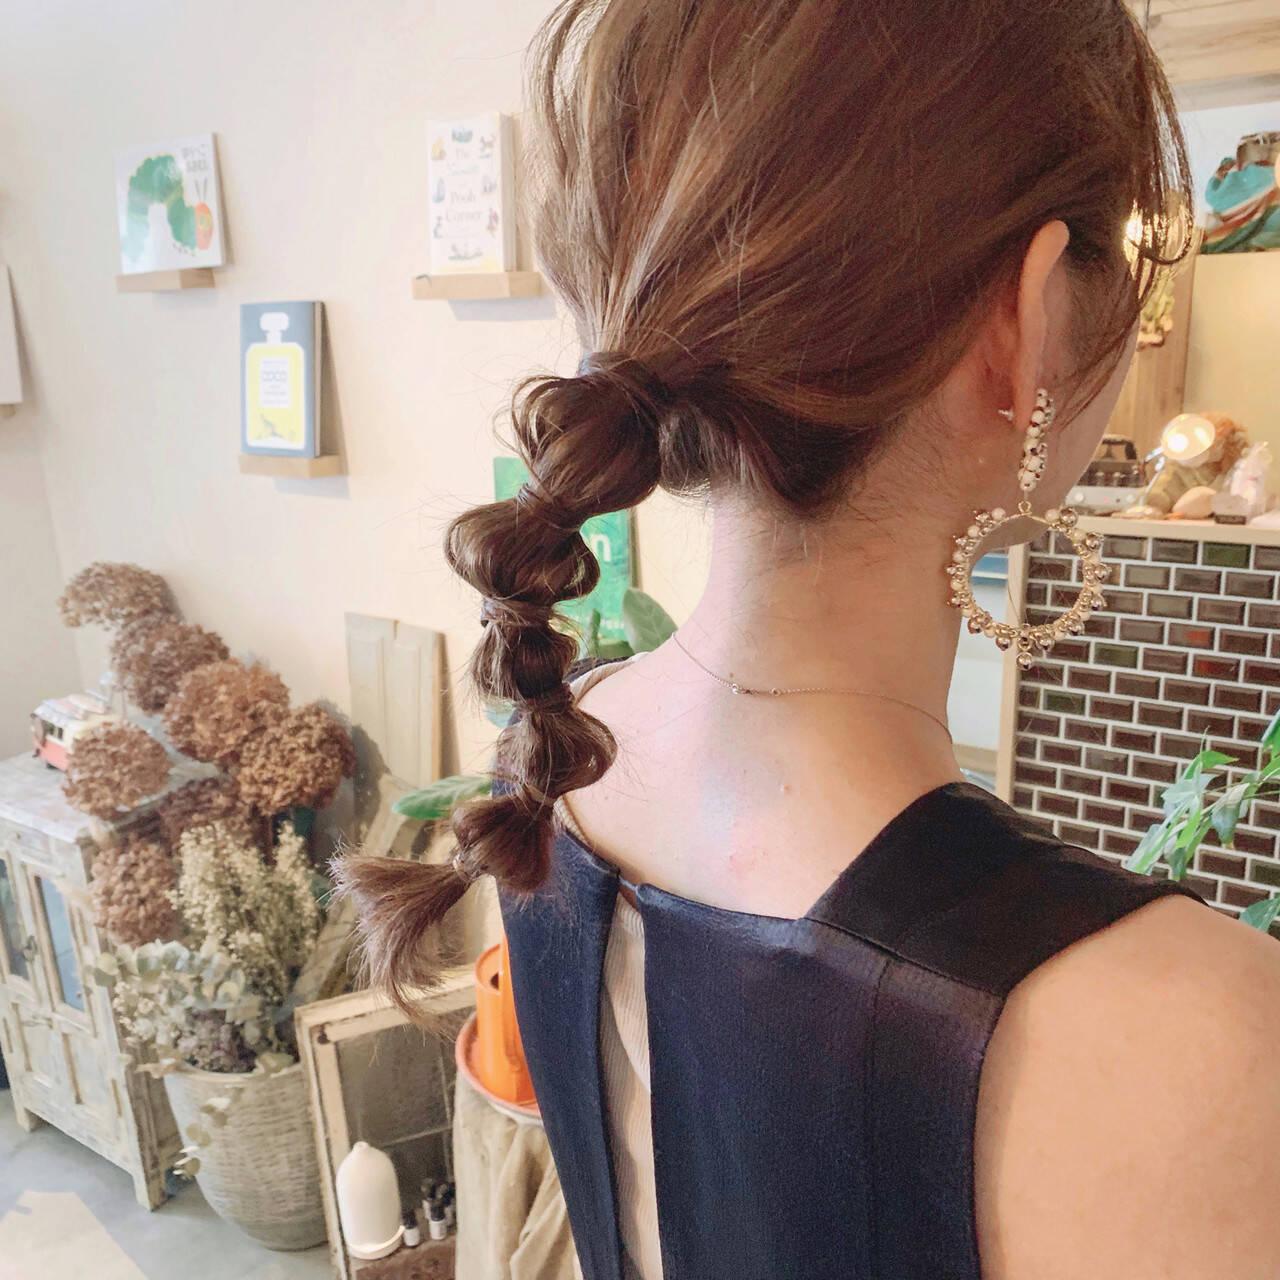 たまねぎアレンジ 簡単ヘアアレンジ 結婚式ヘアアレンジ ヘアアレンジヘアスタイルや髪型の写真・画像